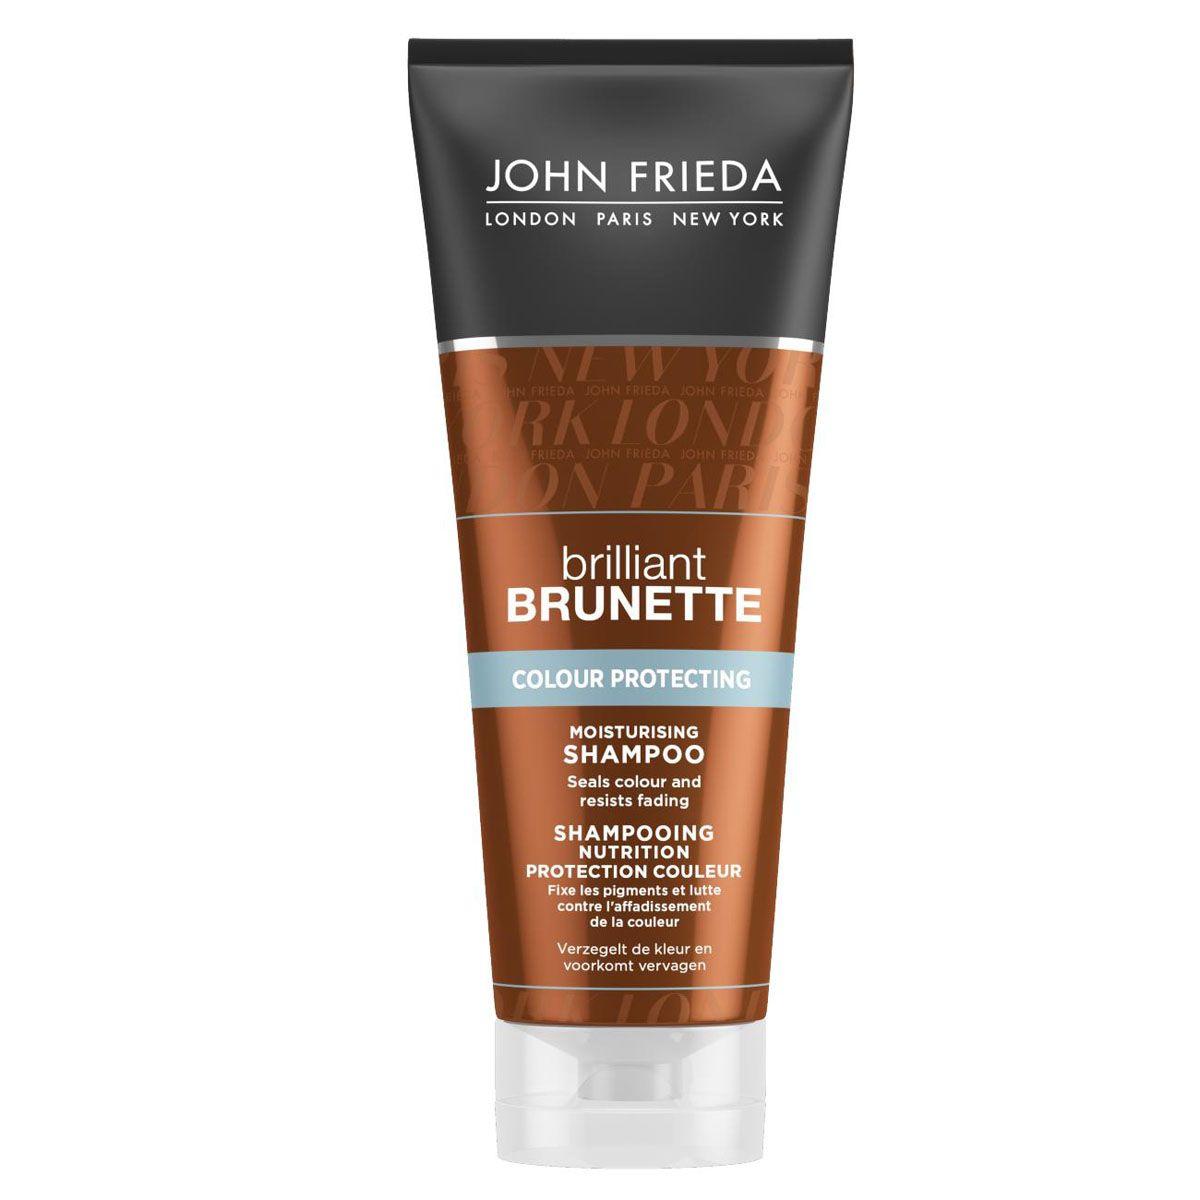 John Frieda Увлажняющий шампунь для защиты цвета темных волос Brilliant Brunette COLOUR PROTECTING 250 млFS-00897Закрепляет цвет и поддерживает его интенсивность. Сохраните красоту и стойкость цвета волос. Увлажняющий шампунь поможет защитить и сохранить цвет темных волос, компенсируя недостающую влагу сухим и окрашенным темным волосам.